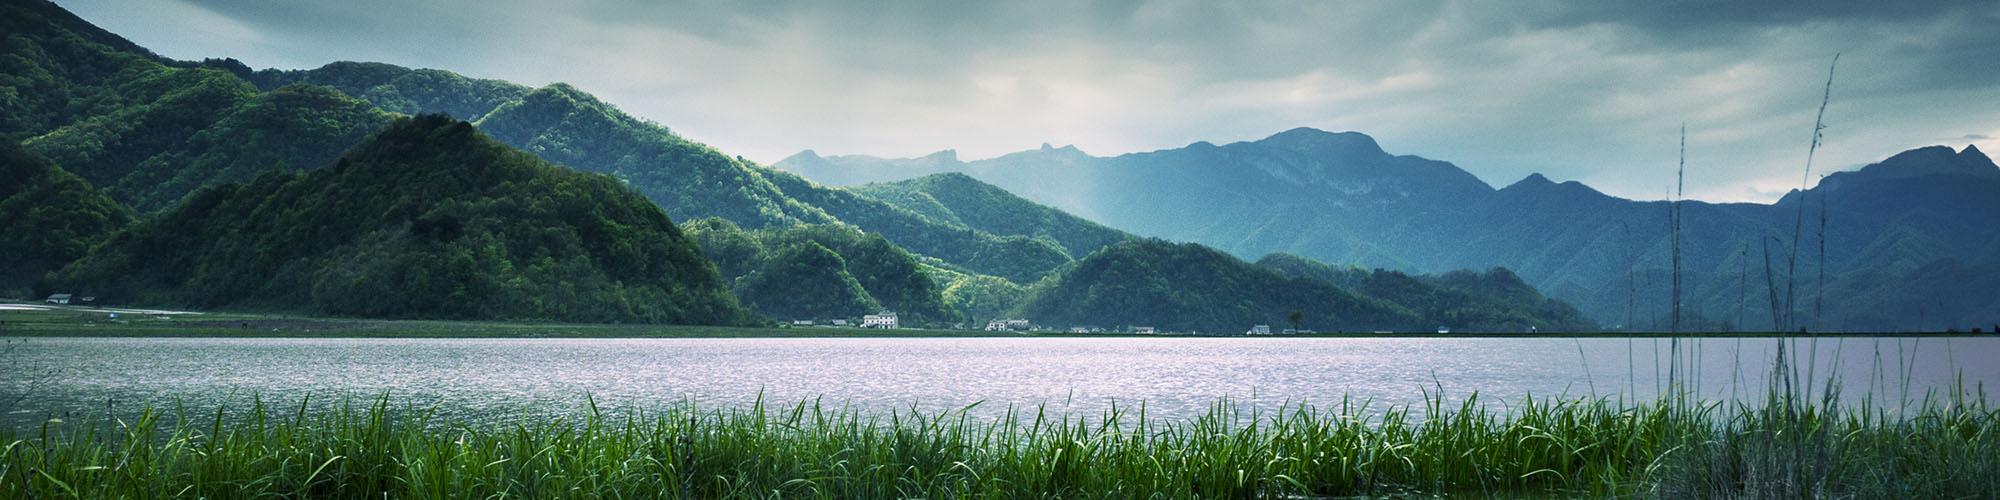 湖北神农架国家级自然保护区